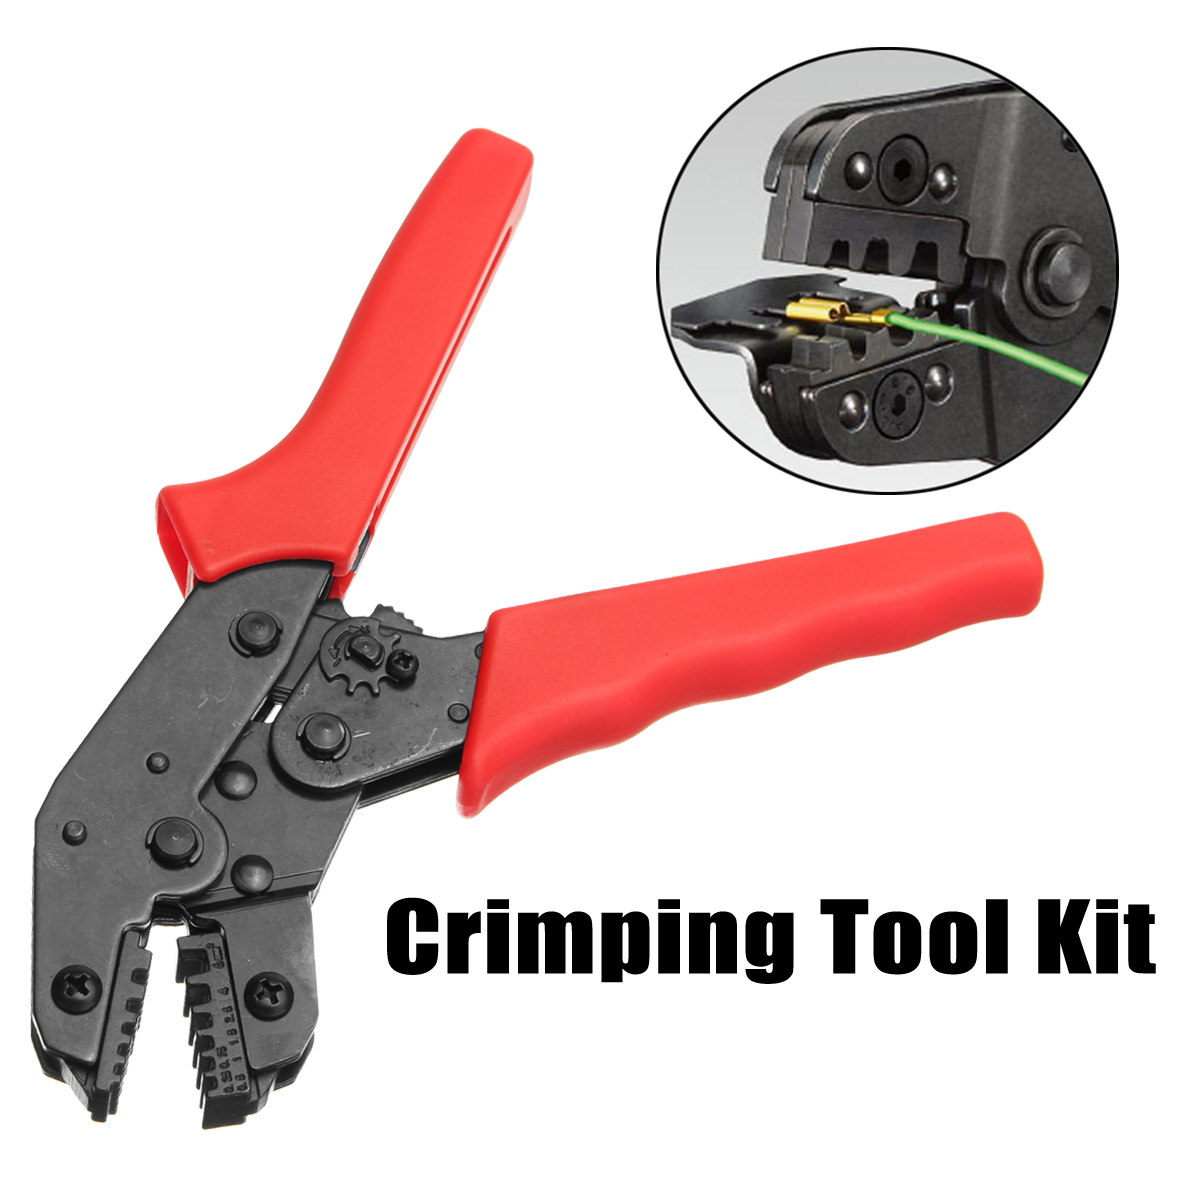 Sn-06wf 0,25-6mm2 Crimpzange Für Hülse Kabelklemme Locking Crimper Presse Werkzeug Moderate Kosten Handwerkzeuge Zangen